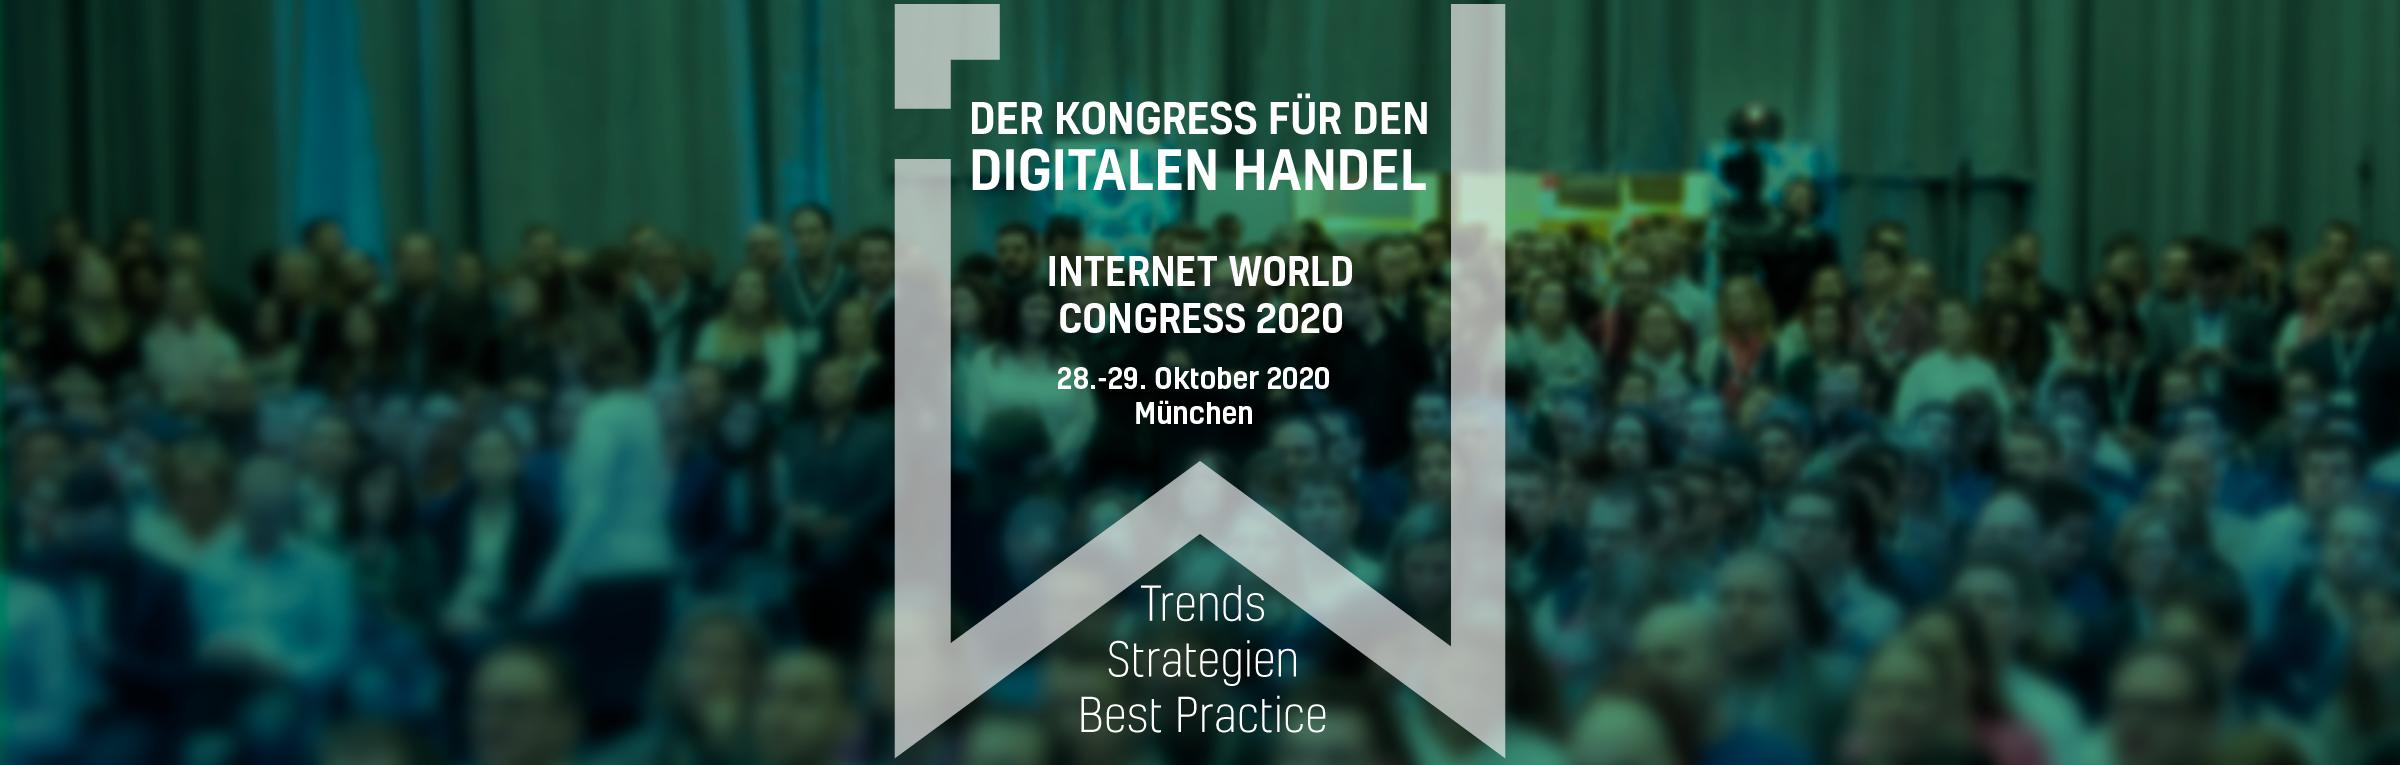 Internet World Congress 2020